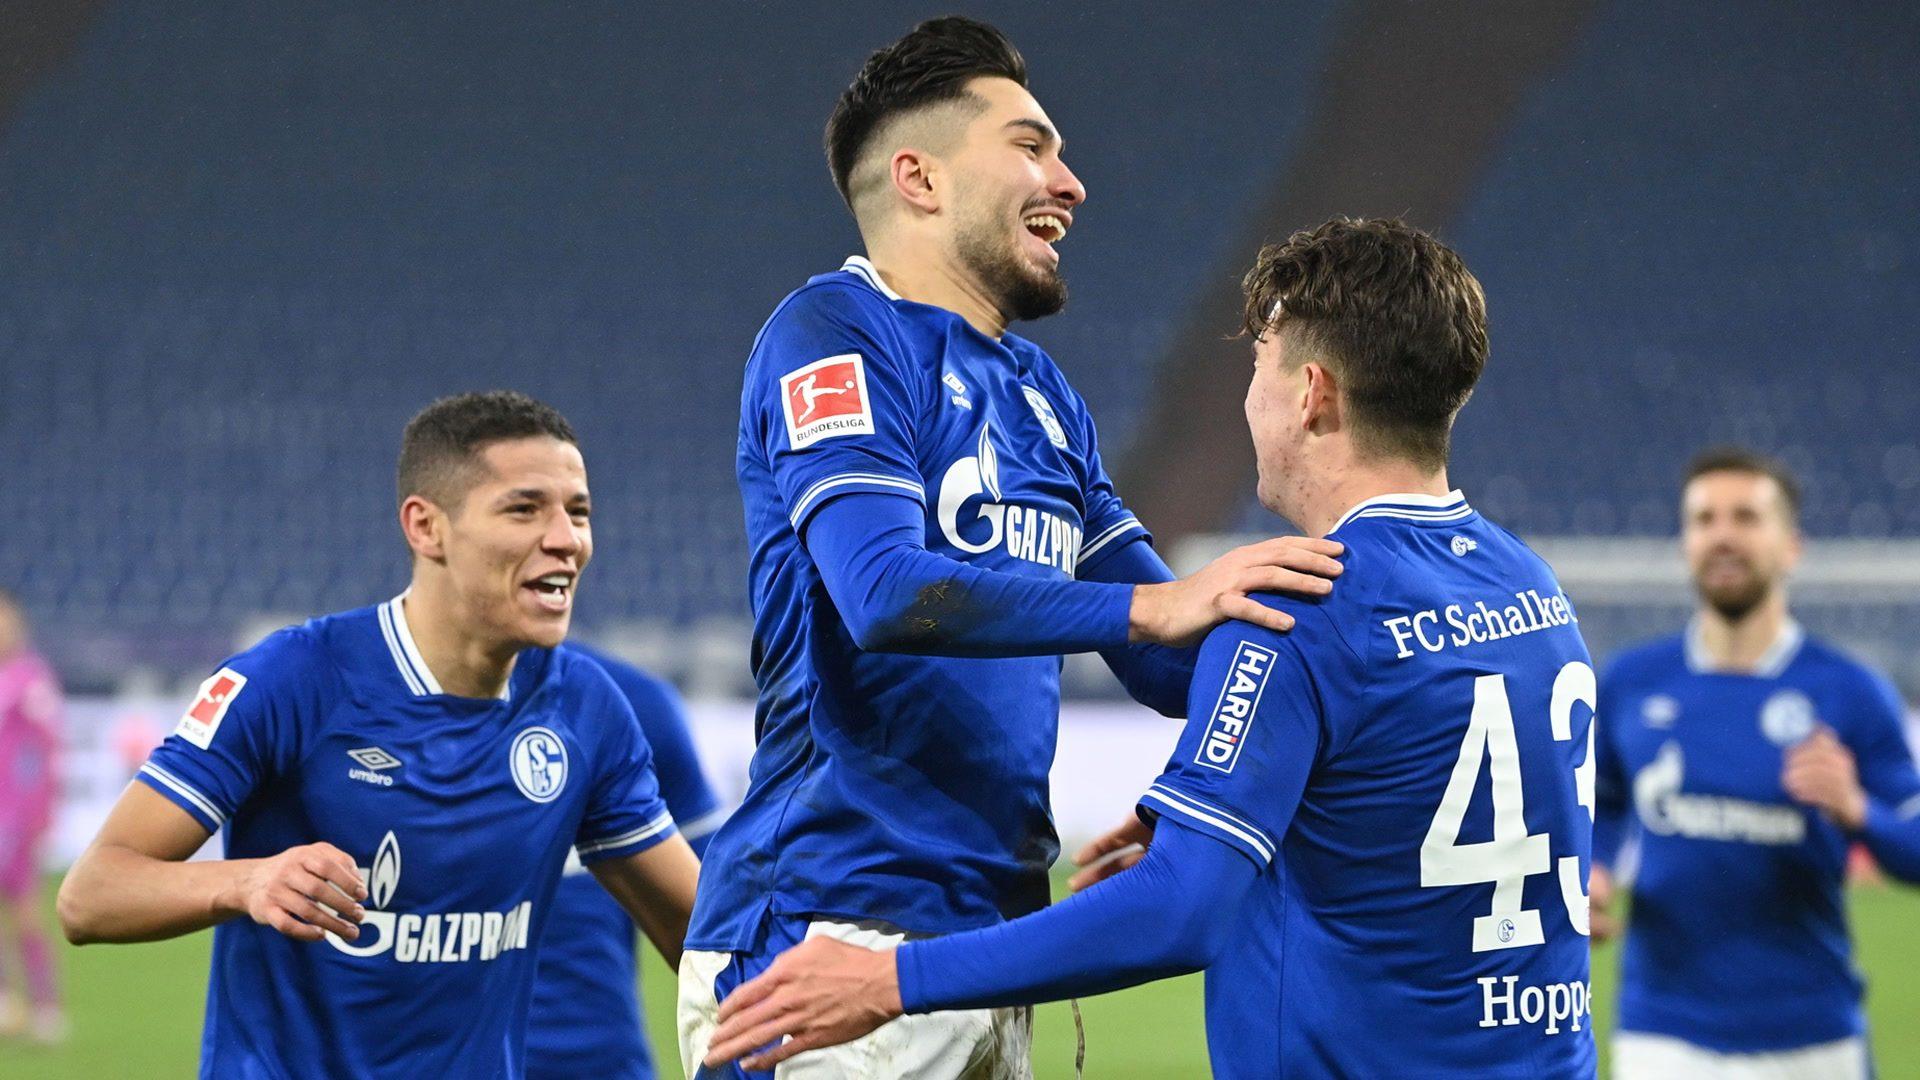 Hoppe helps Schalke snap 30-game winless run